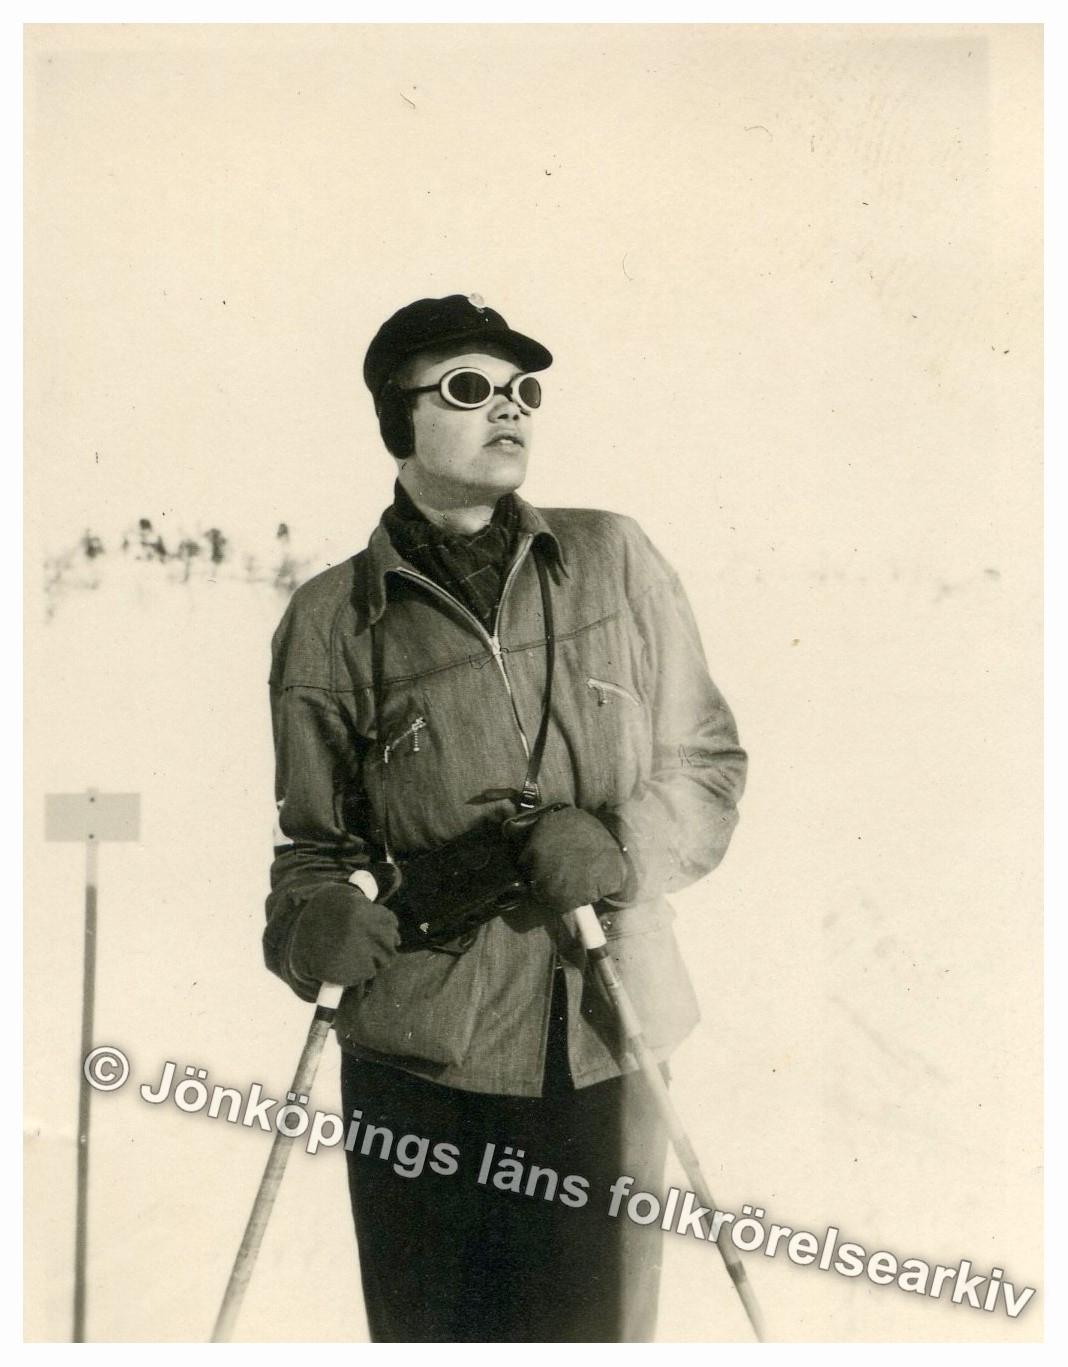 Ung man i vinterkläder och solglasögon poserar för kameran. I händerna håller han ett par stavar.